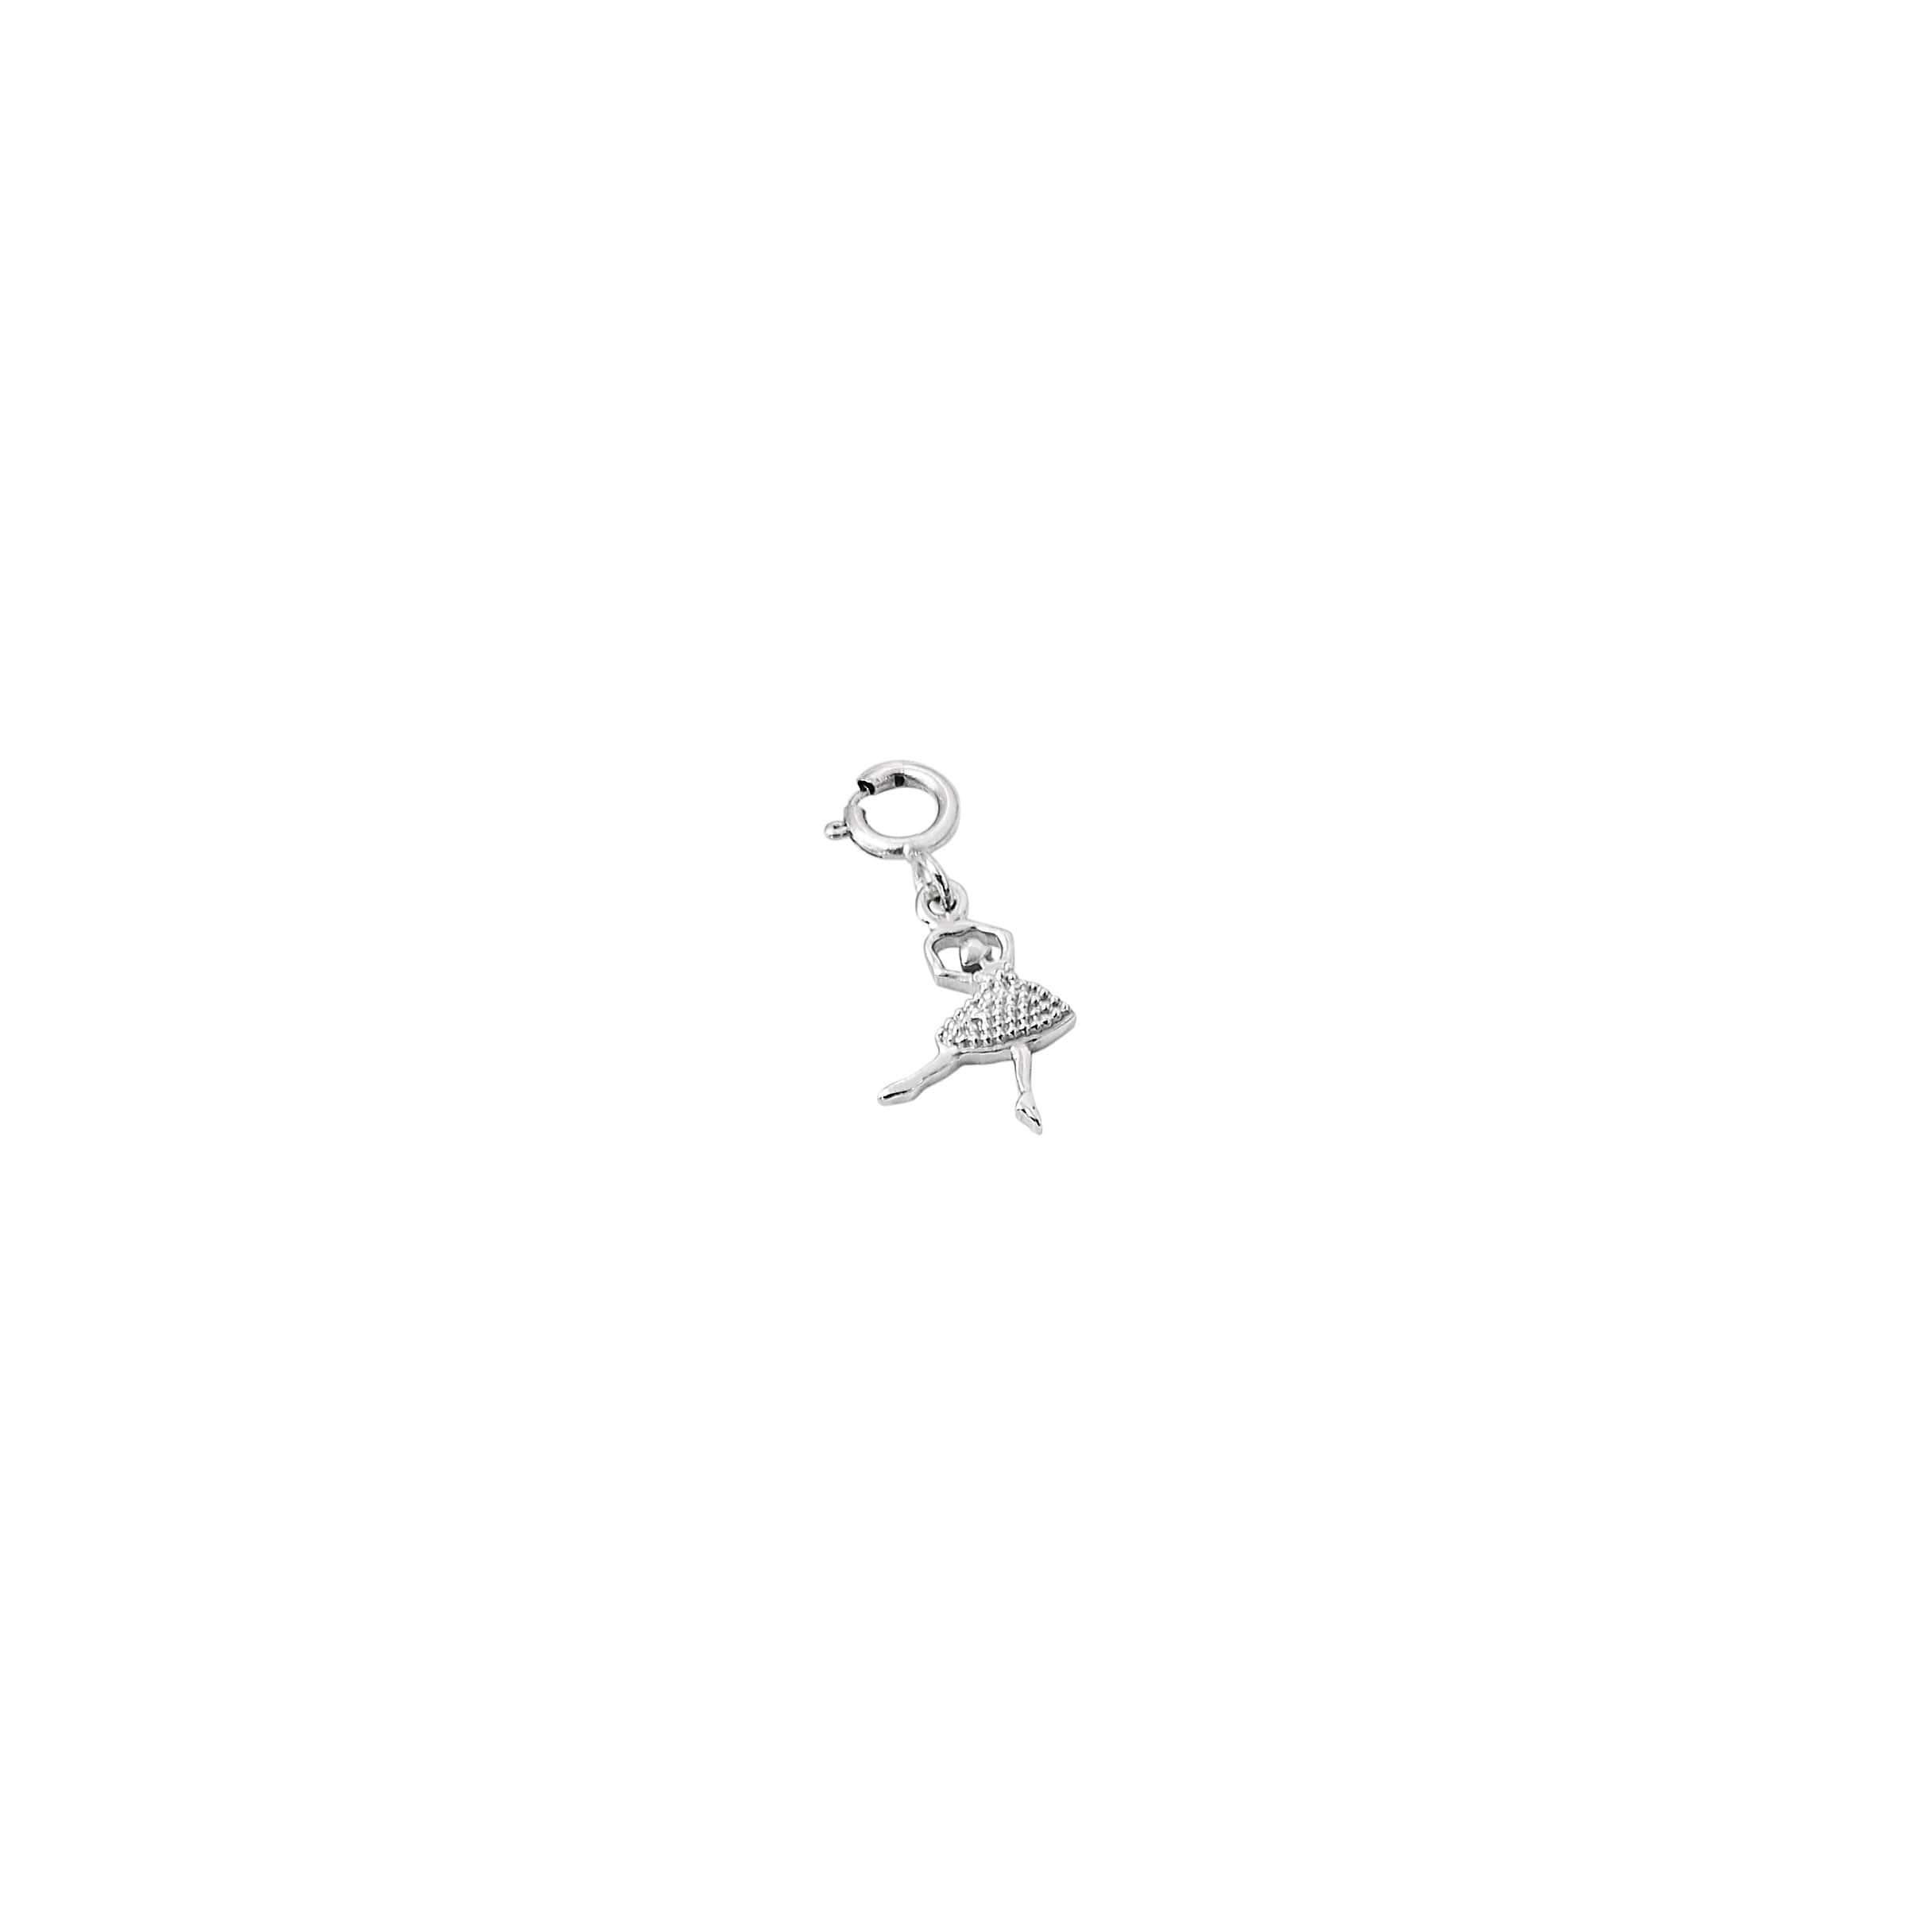 Pingente bailarina em ouro branco.